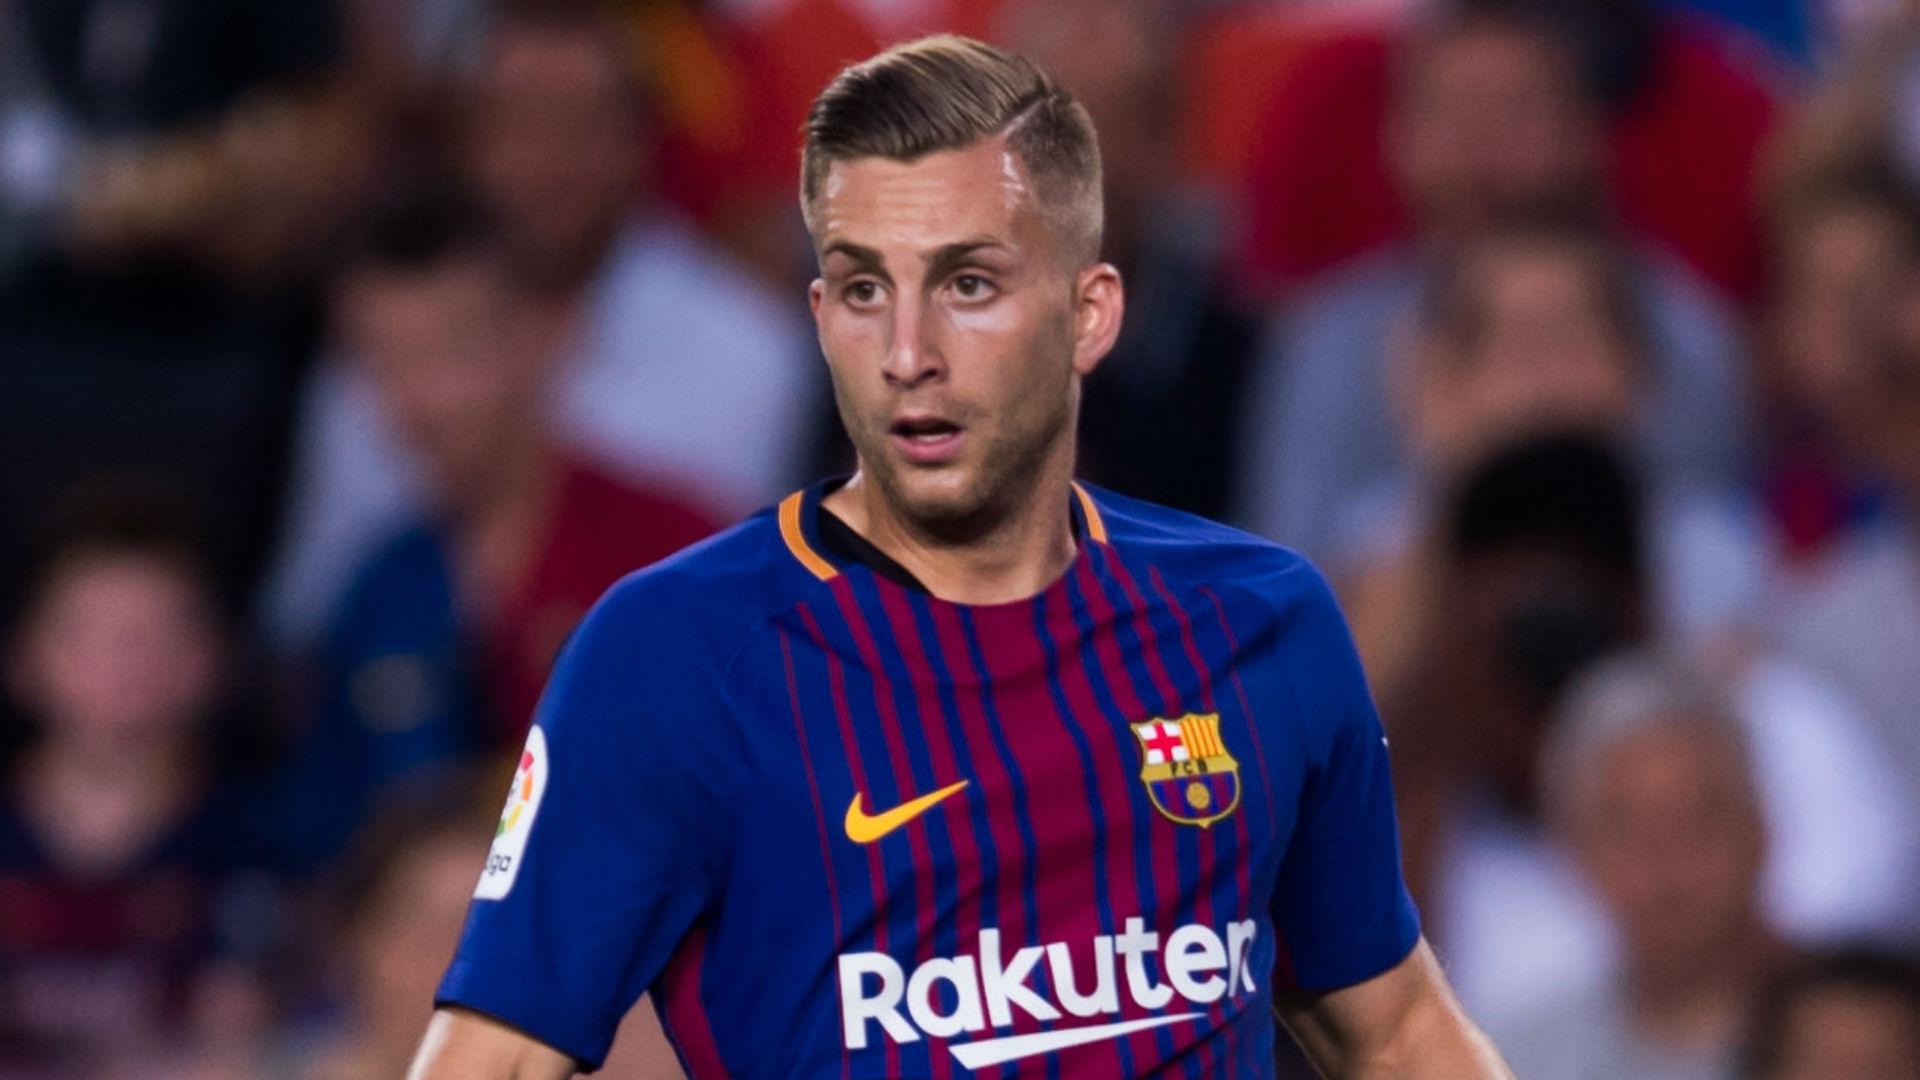 Un ancien joueur du Barça tacle  Koeman : « Il ne m'a rien apporté »